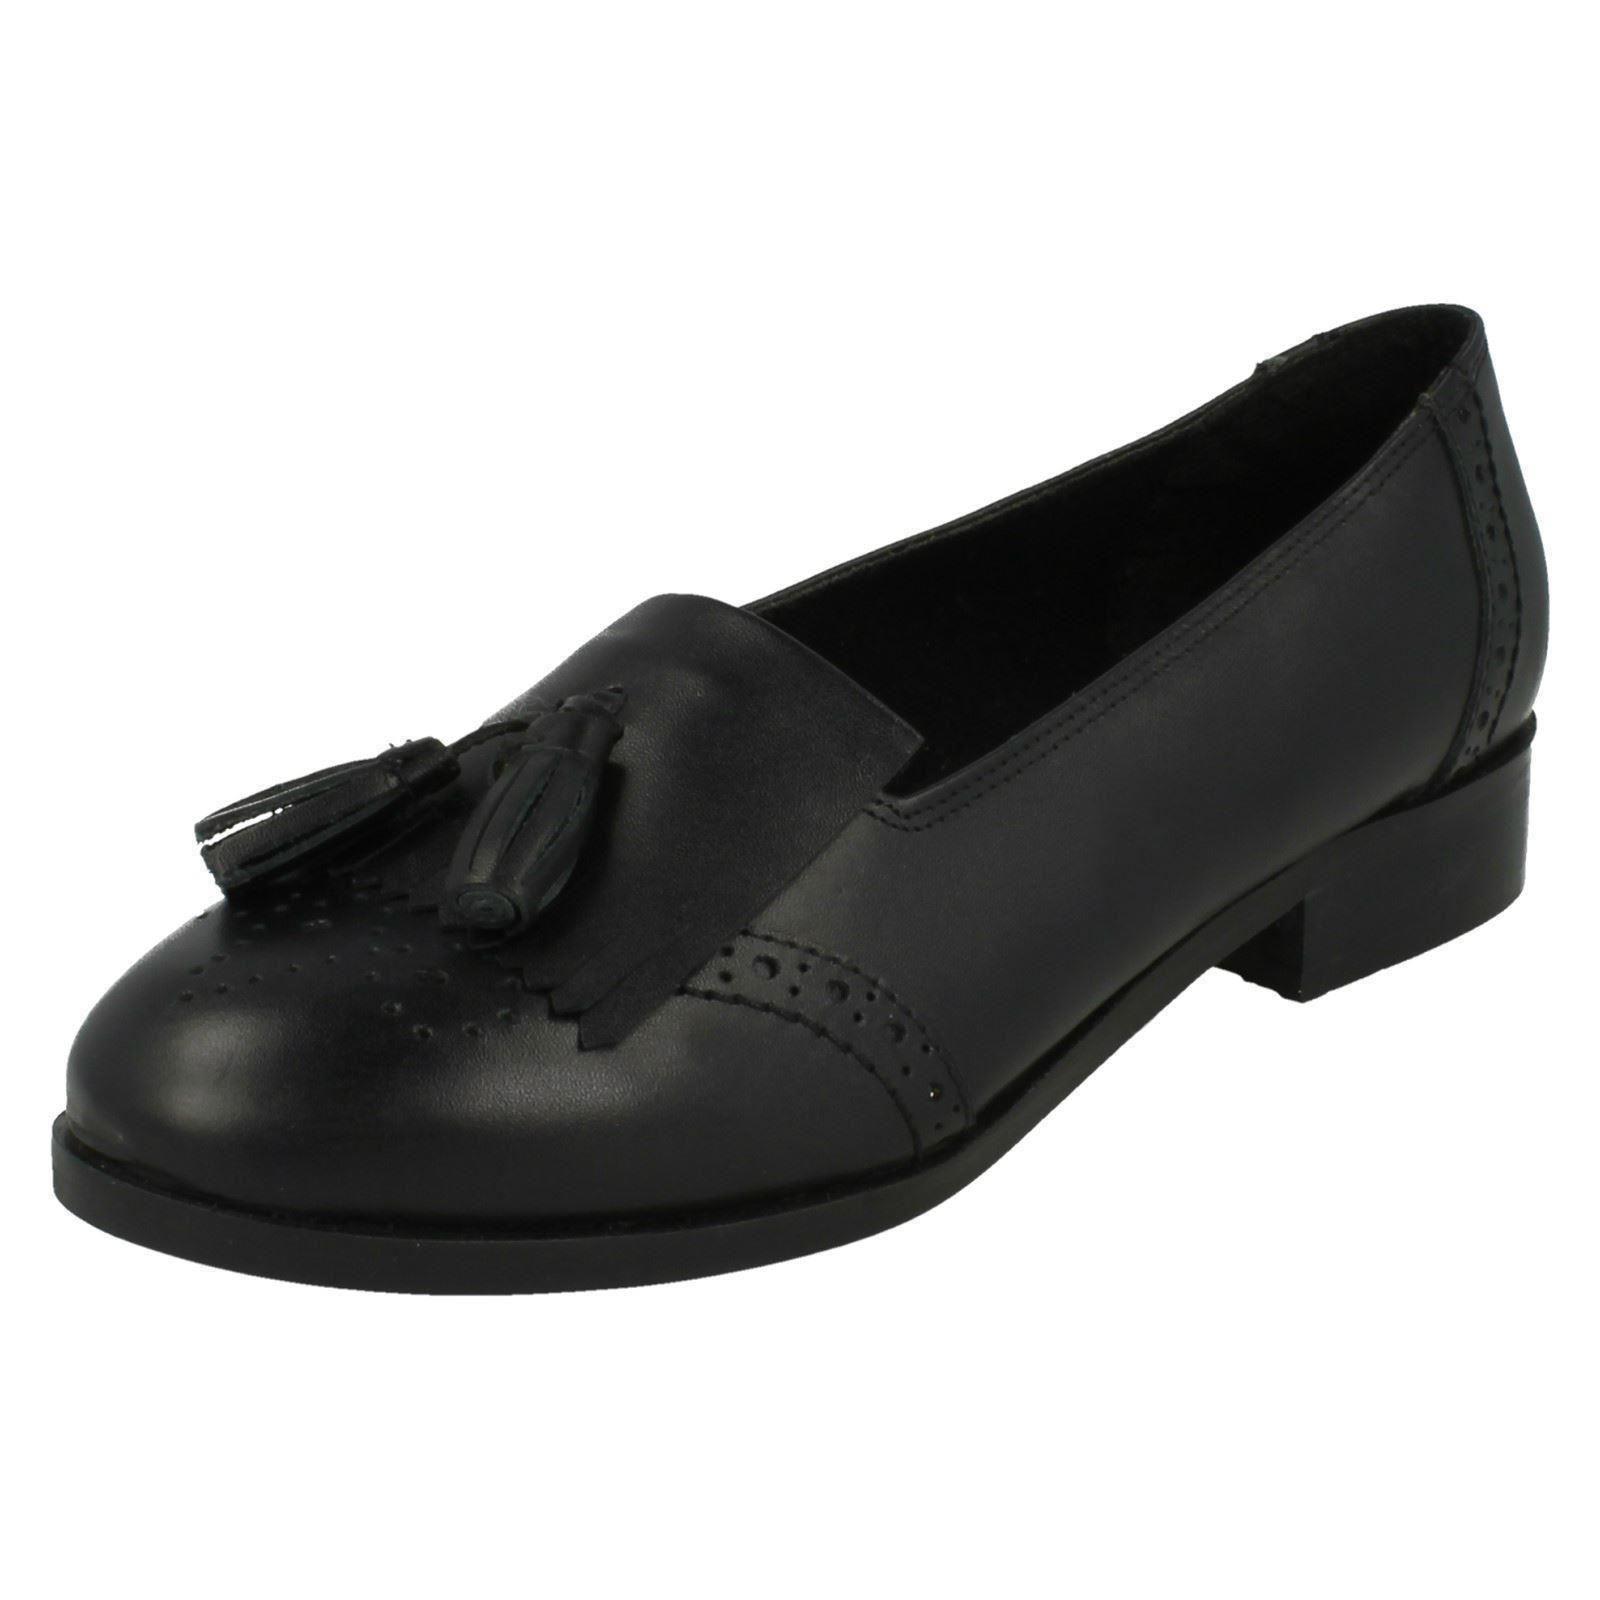 mesdames cuir chaussures magasin phare collecte formelle formelle formelle style élégant achètent en ligne ea483c